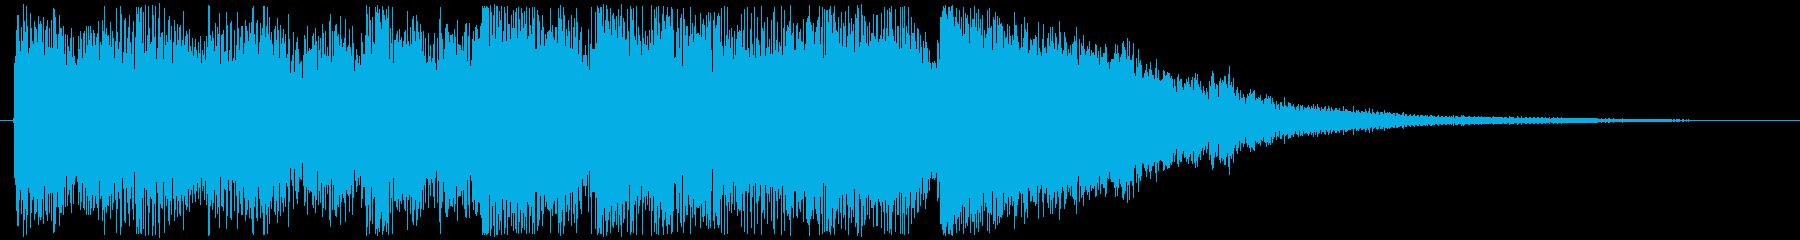 映像・ジングルわくわくするファンクの再生済みの波形